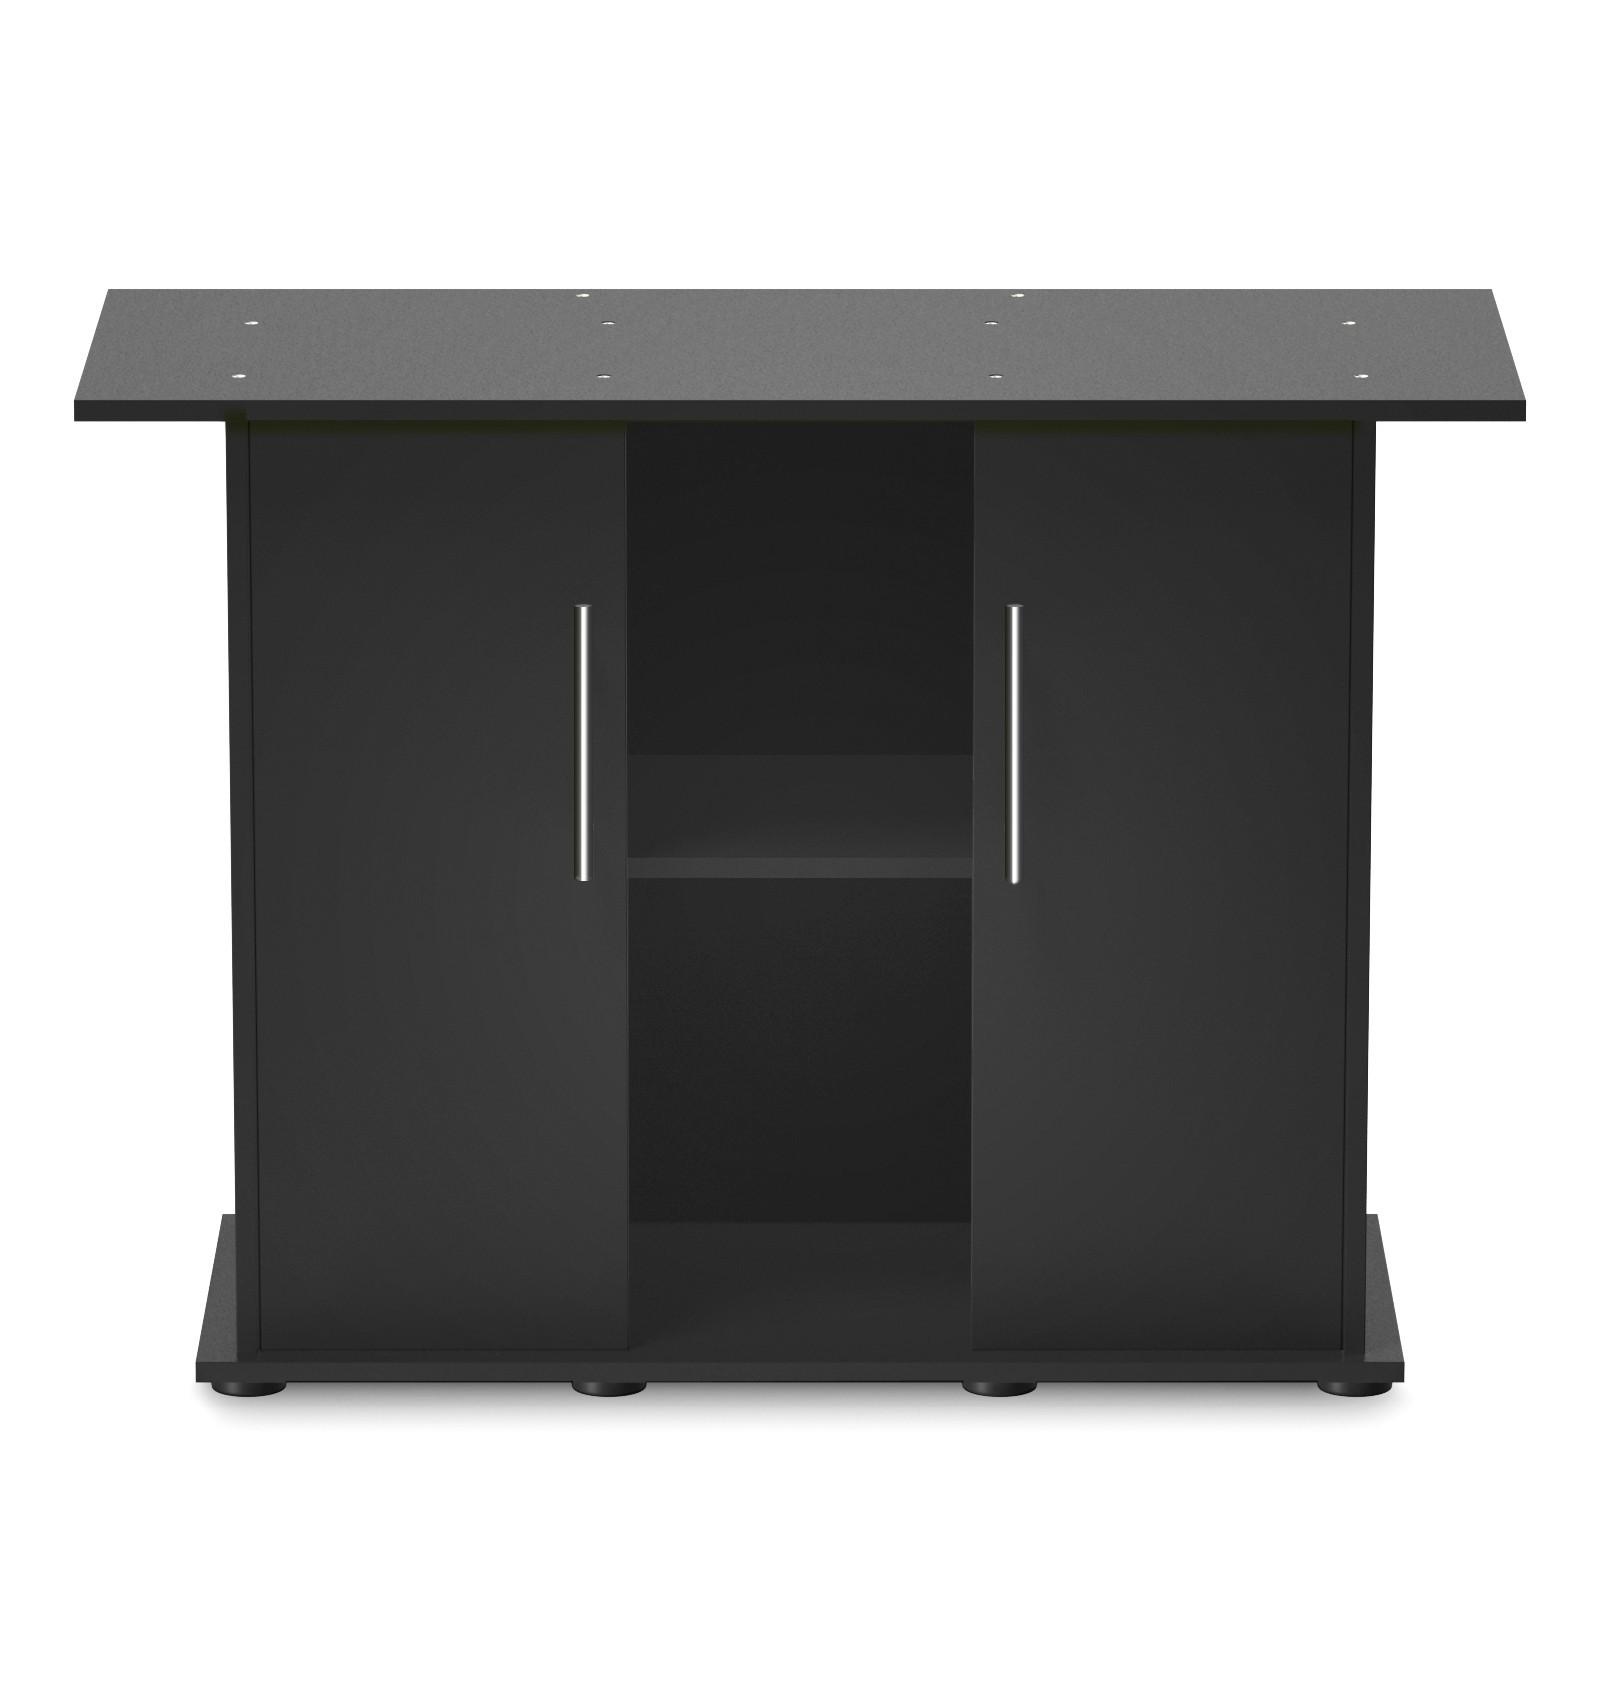 d co bassin achat vente de d co pas cher. Black Bedroom Furniture Sets. Home Design Ideas